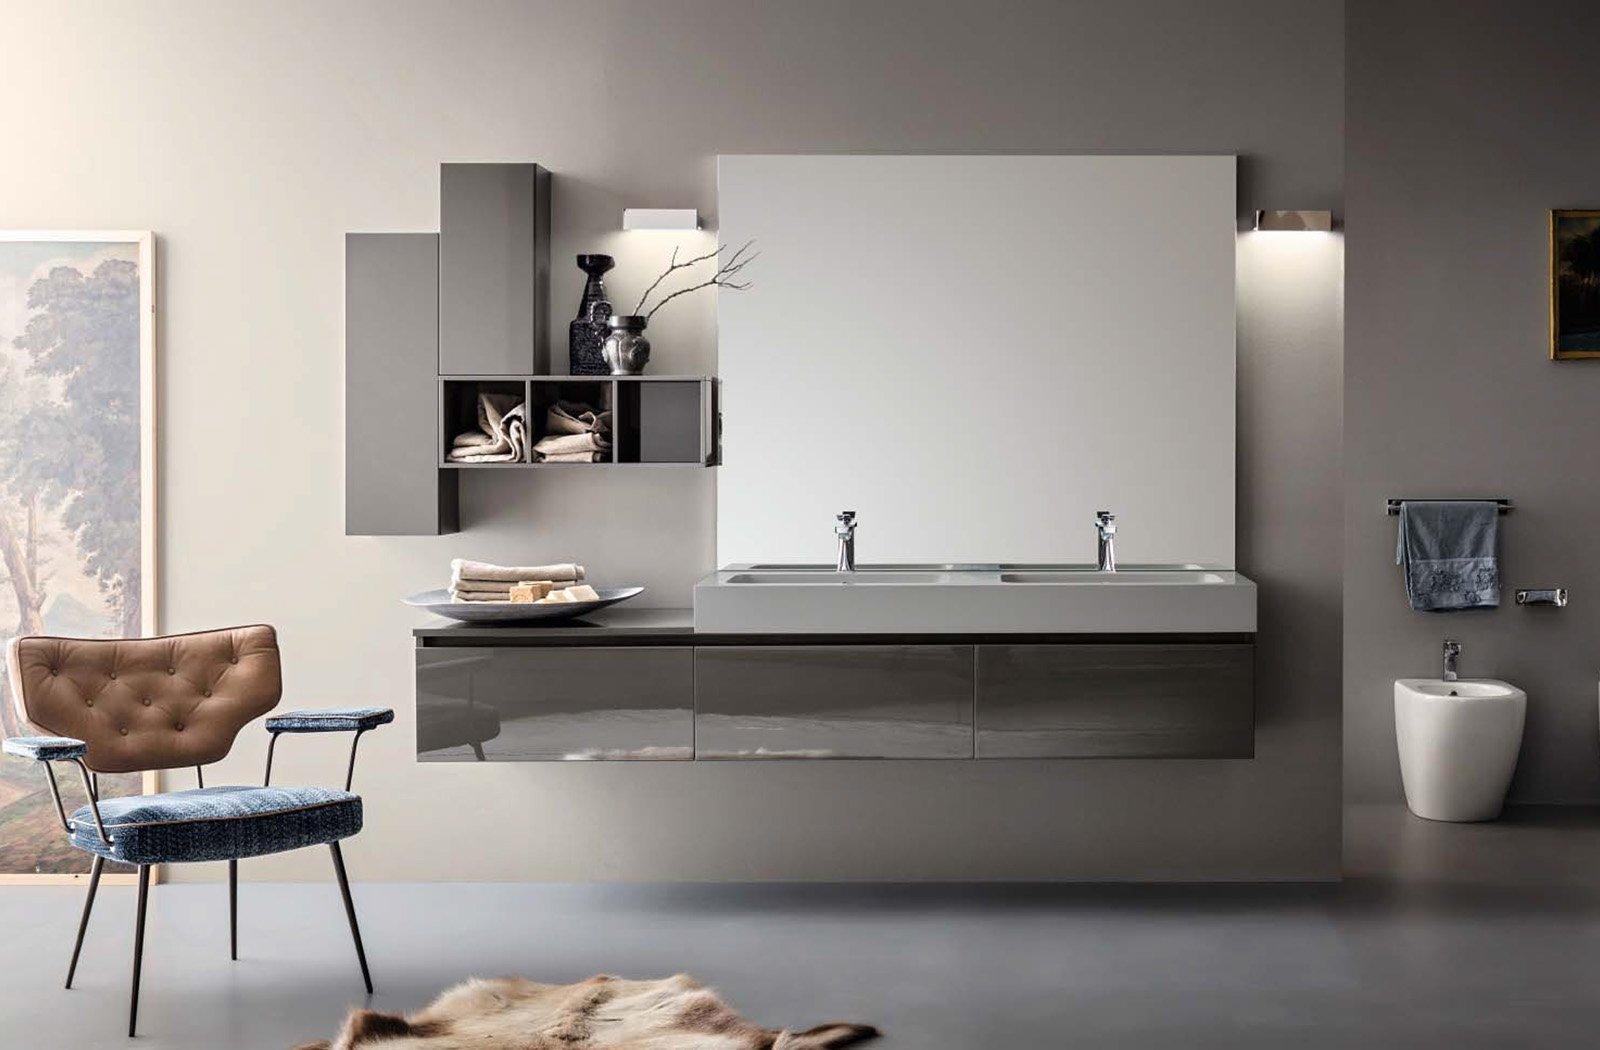 Joy of life by cerasa per arredare il bagno con - Armadietti per il bagno ...